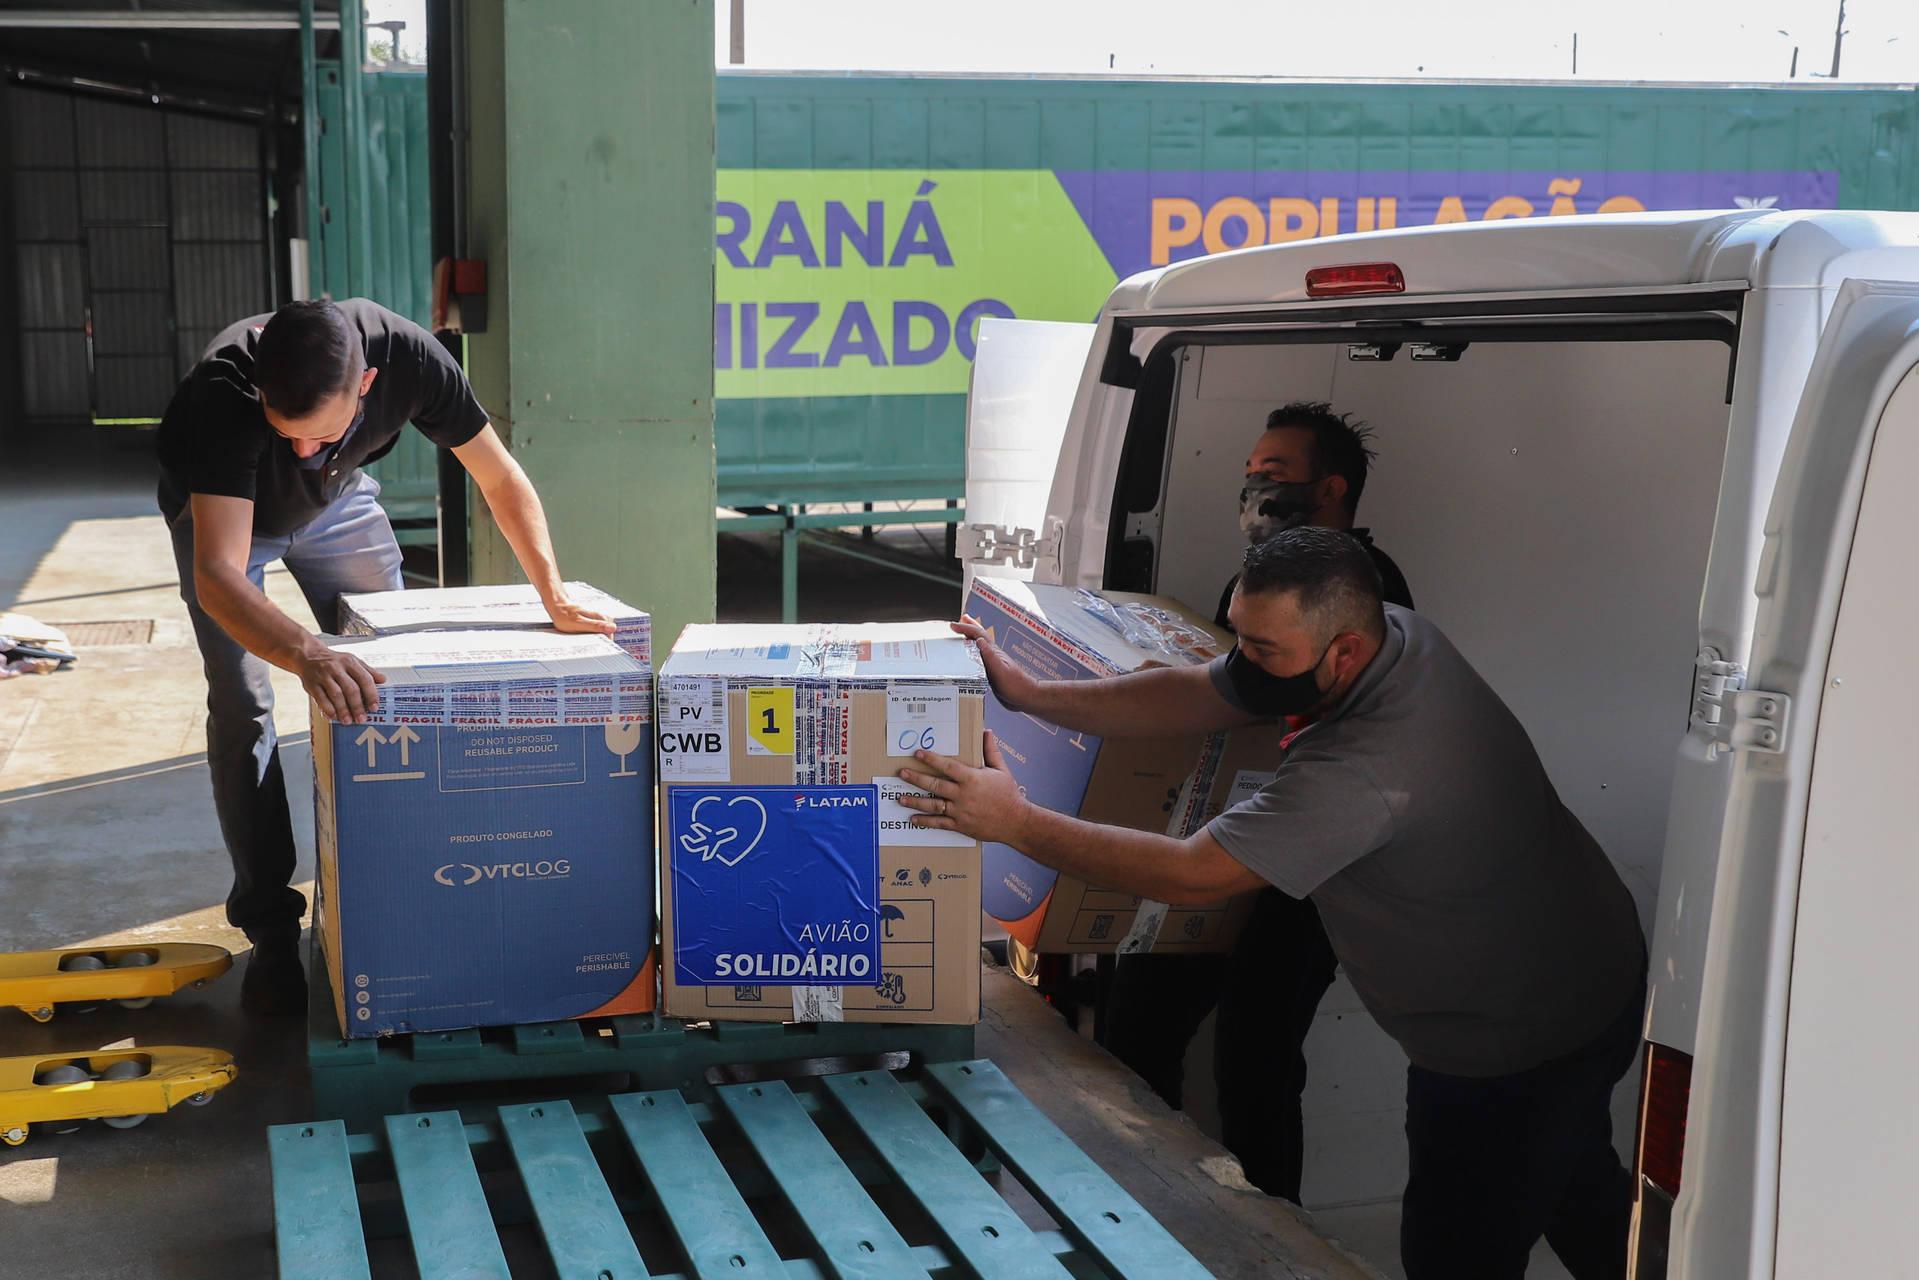 Novos lotes de vacina contra Covid-19 chegaram ao Paraná nesta quarta-feira